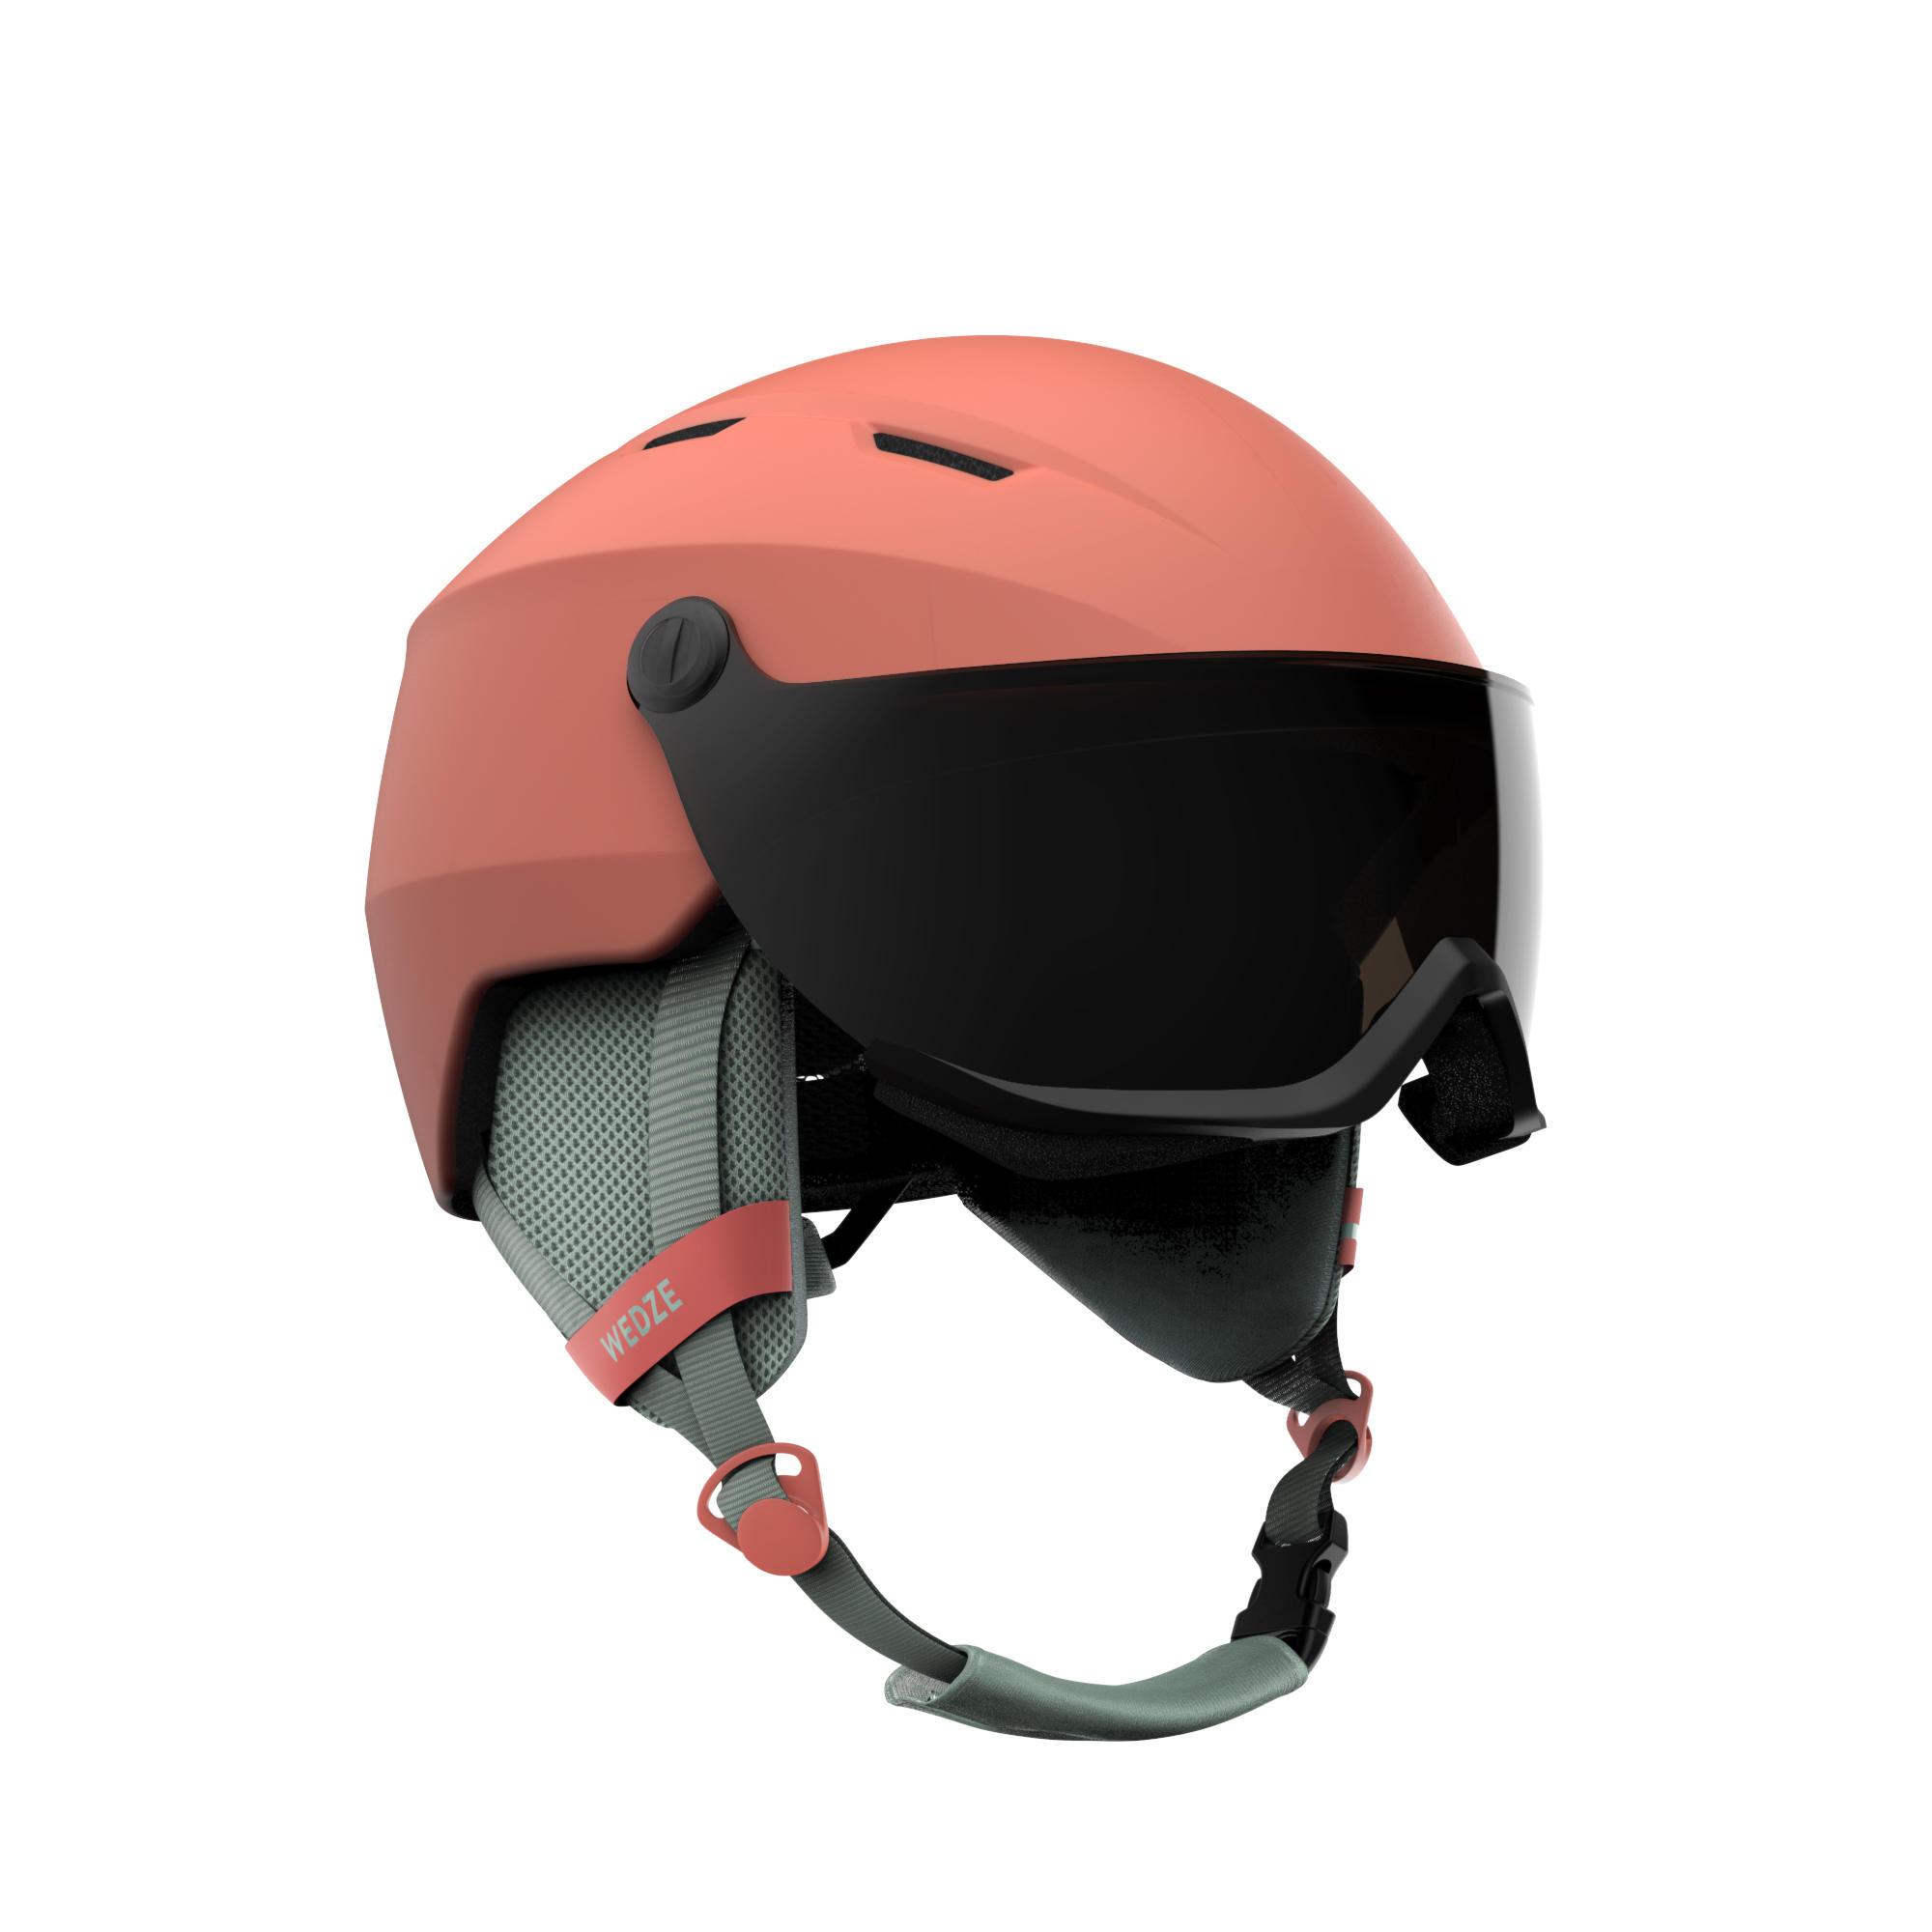 Cască schi H350 Adulți imagine